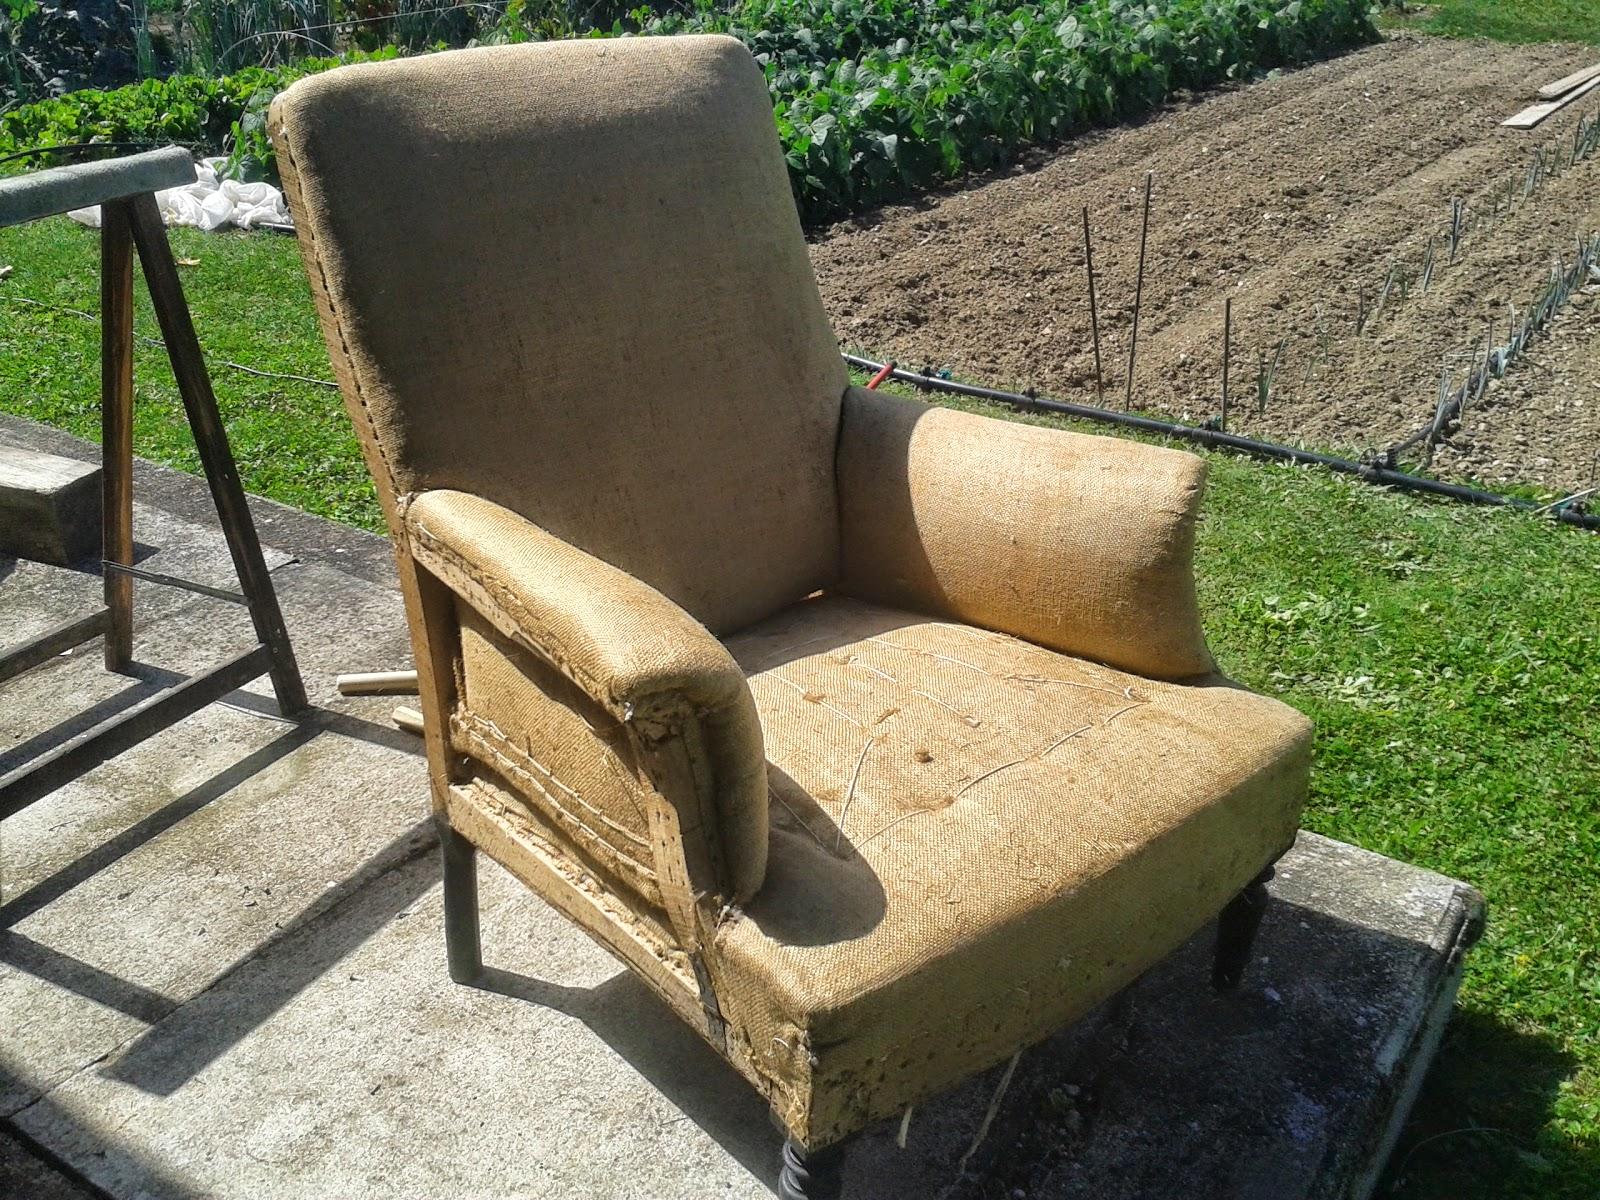 c 39 est pas pour faire tapisserie une paire de fauteuil anglais ah napol on iii quand tu nous. Black Bedroom Furniture Sets. Home Design Ideas